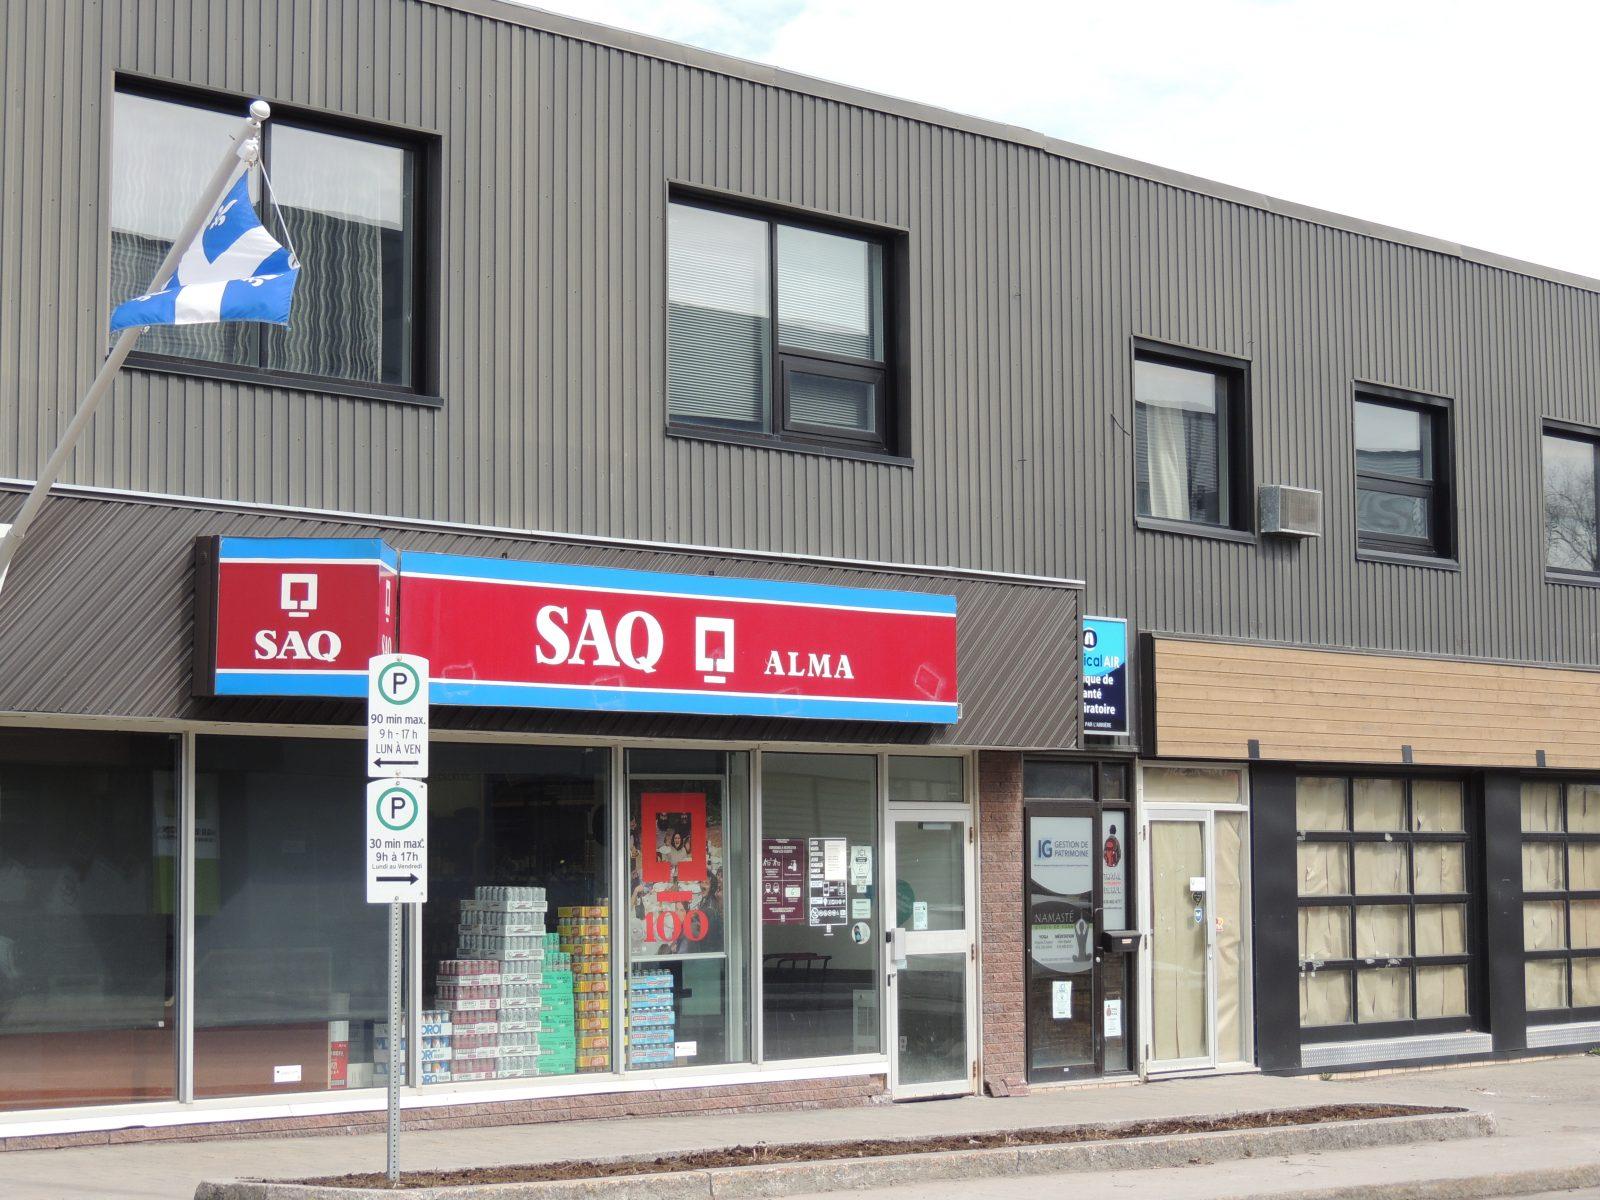 Alma: plus de SAQ au centre-ville